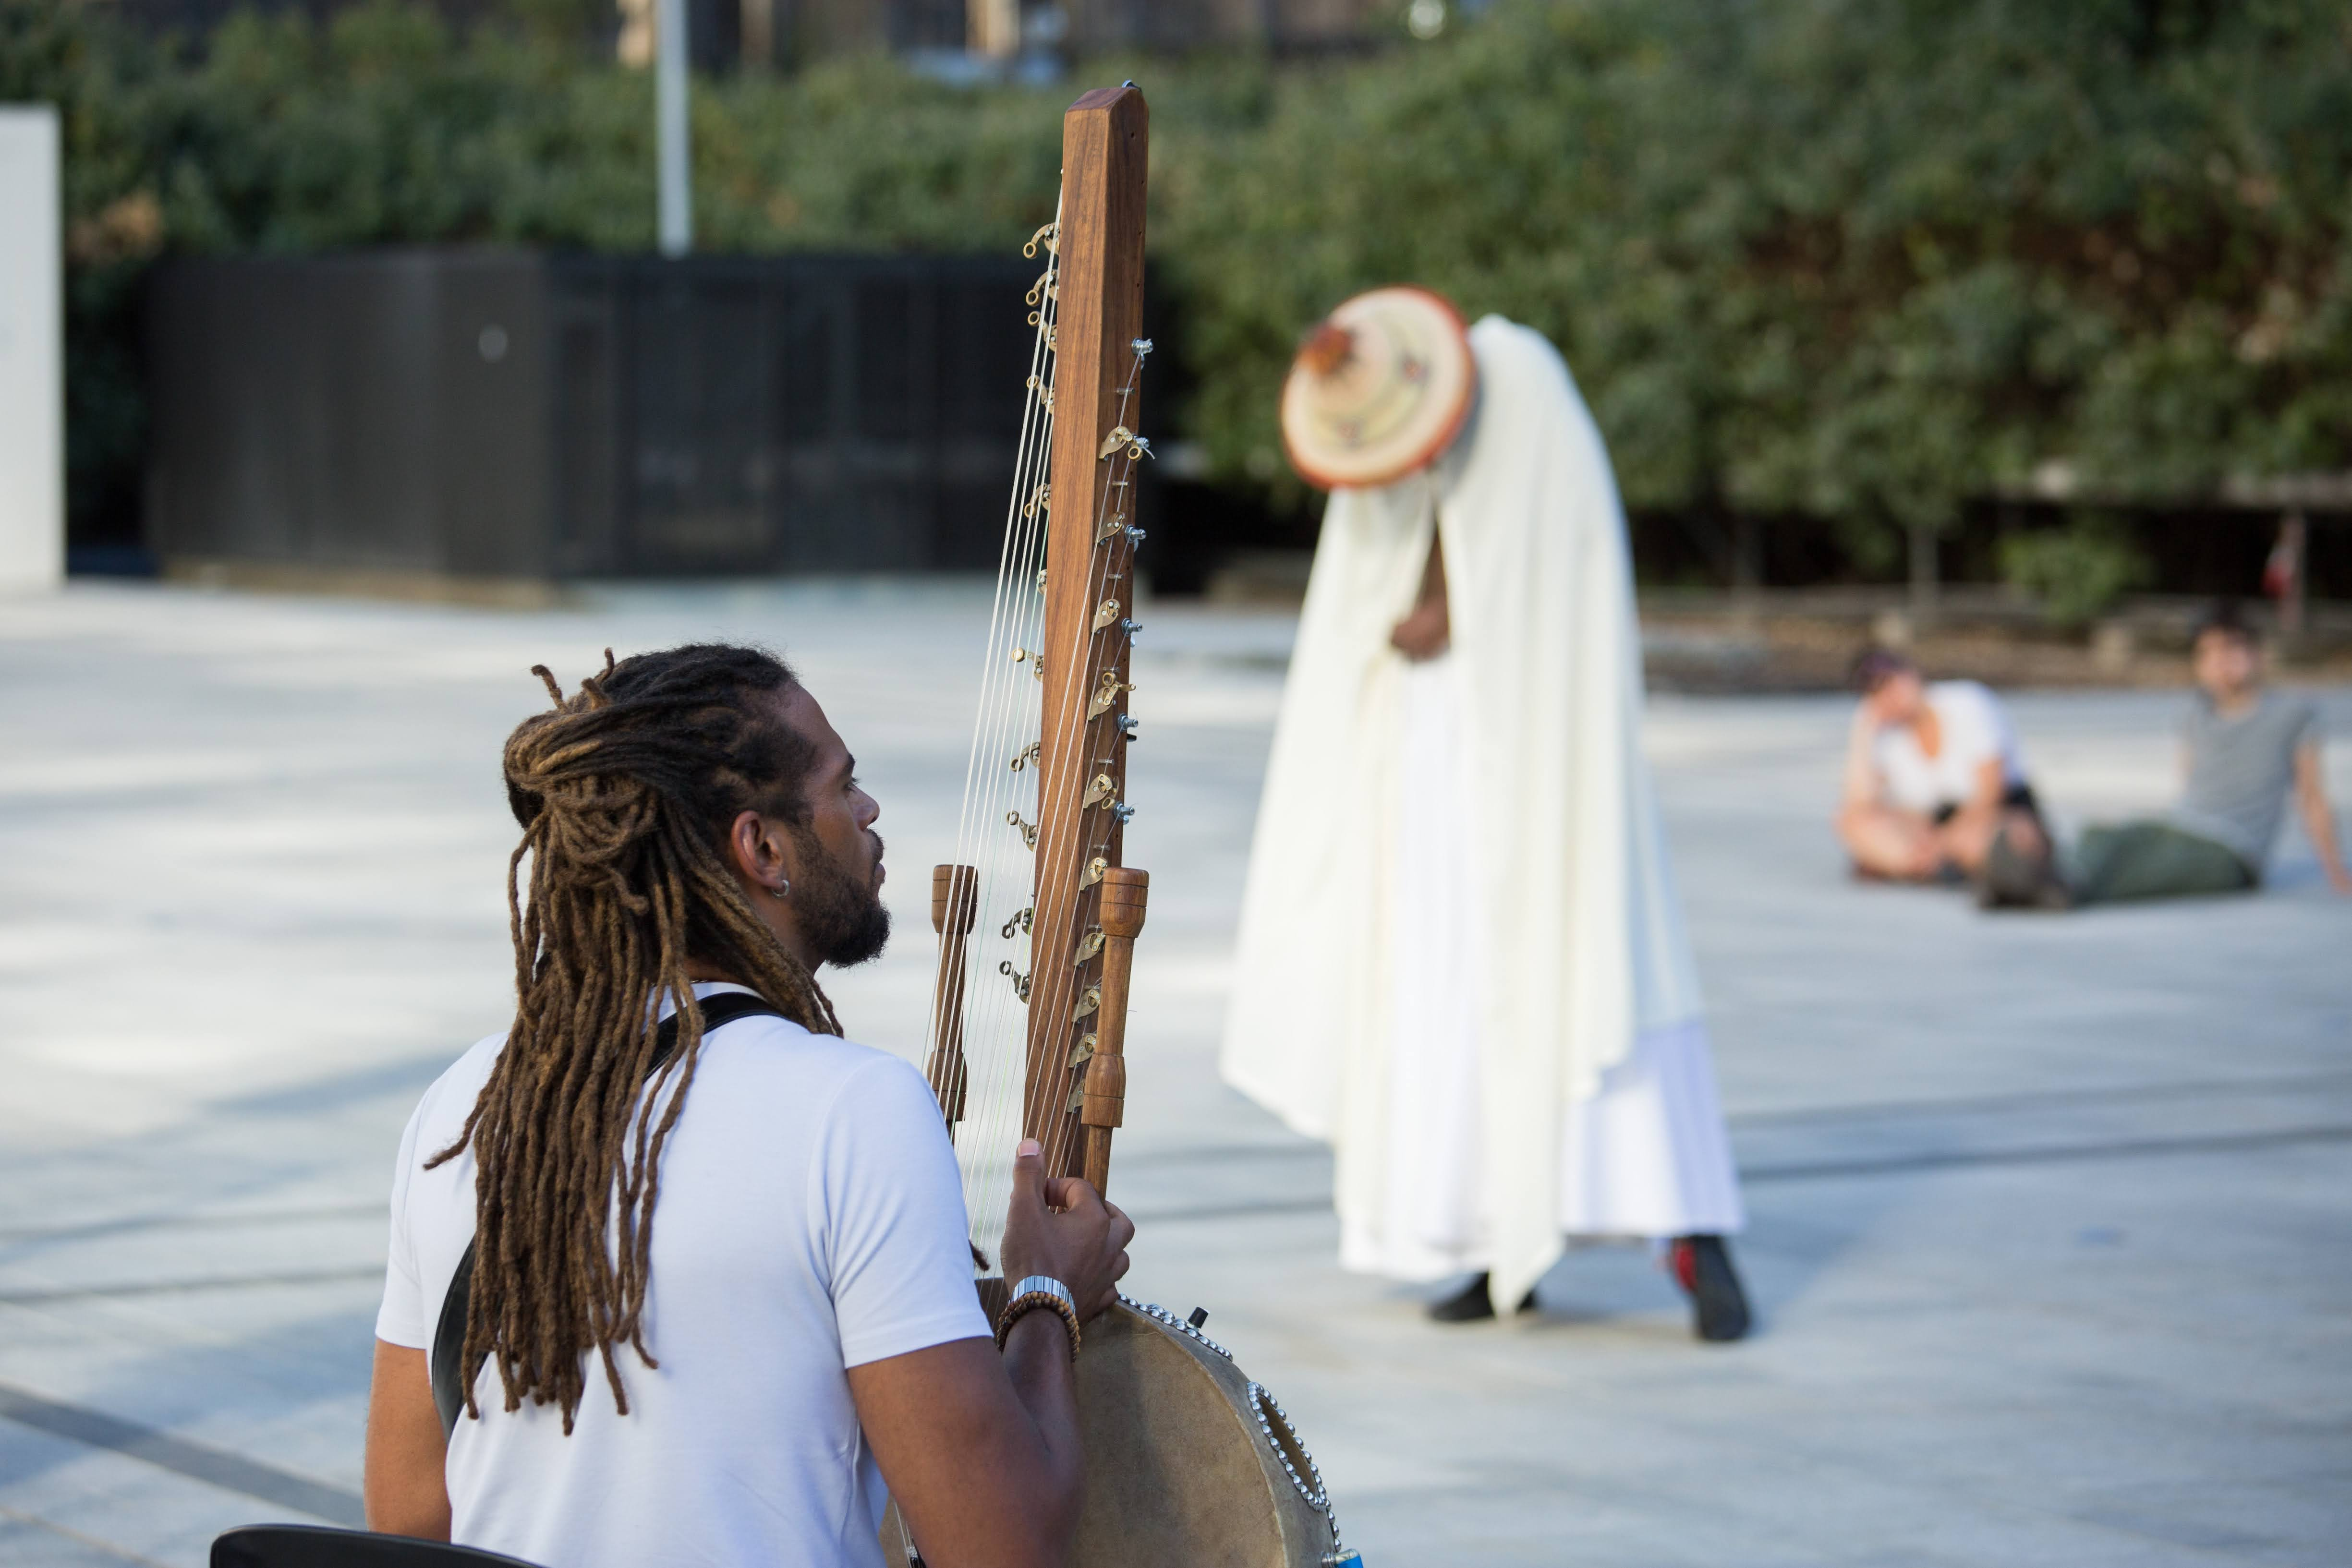 Pendant cet « été particulier », des dizaines de spectacles, performances, concerts et expositions gratuits ont eu lieu dans la capitale, pour le plaisir des enfants comme des adultes.